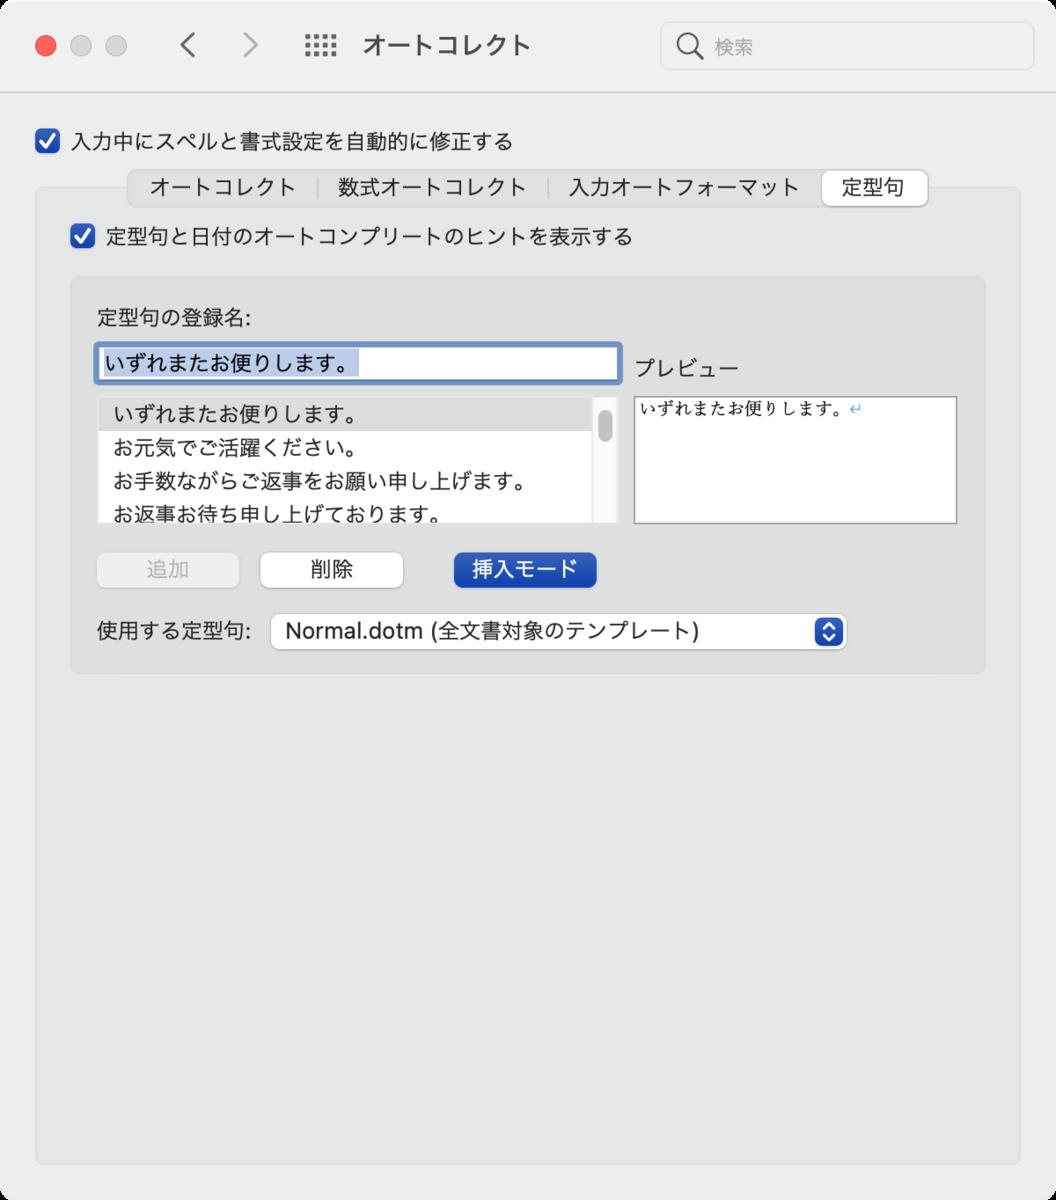 f:id:wanichan:20211003110036p:plain